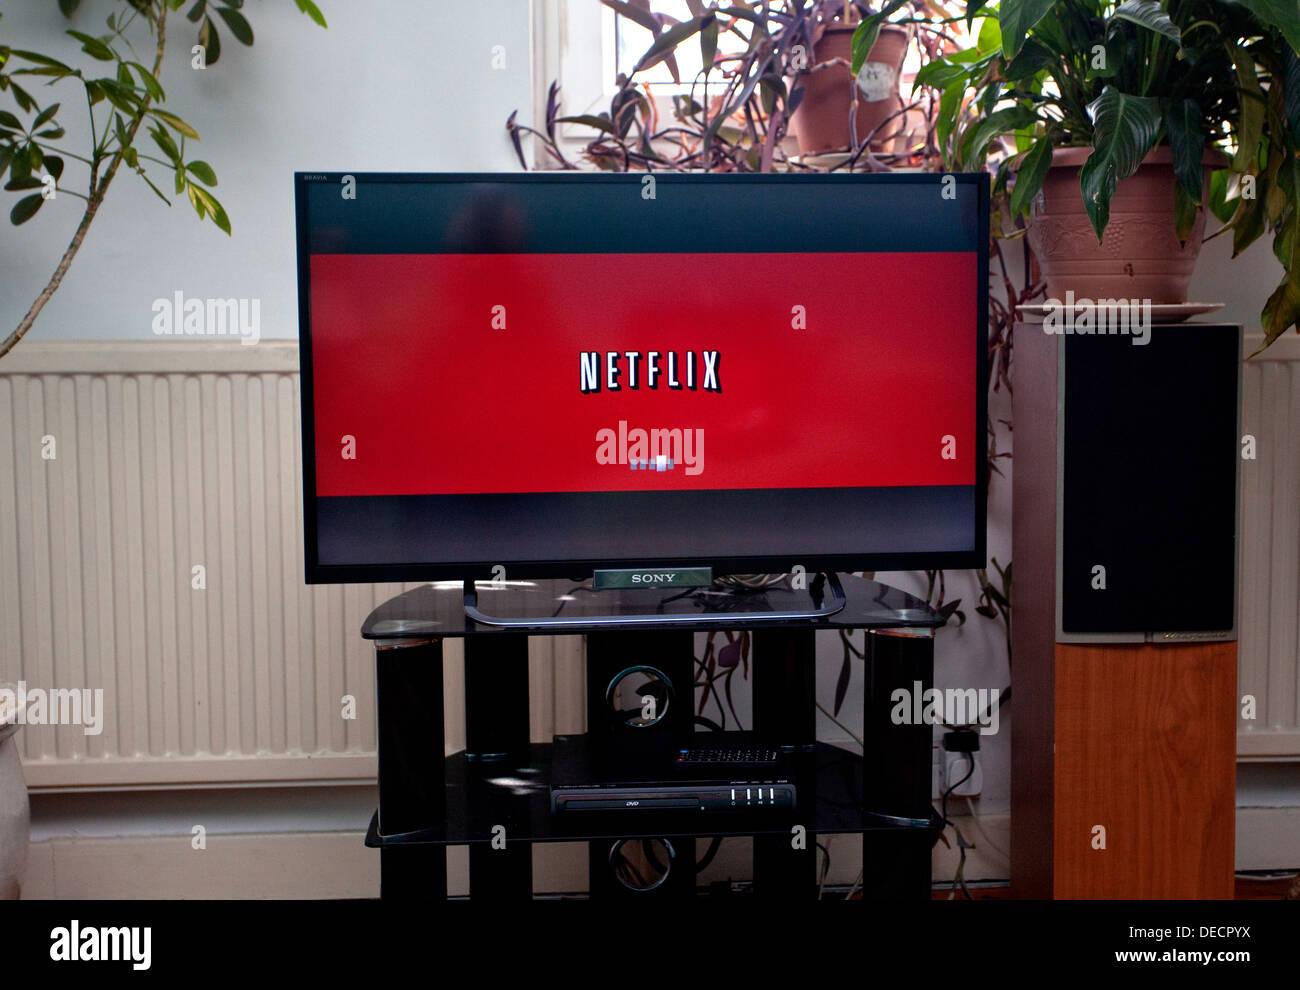 Netflix Film & TV-streaming auf den heimischen Fernseher, London Stockbild